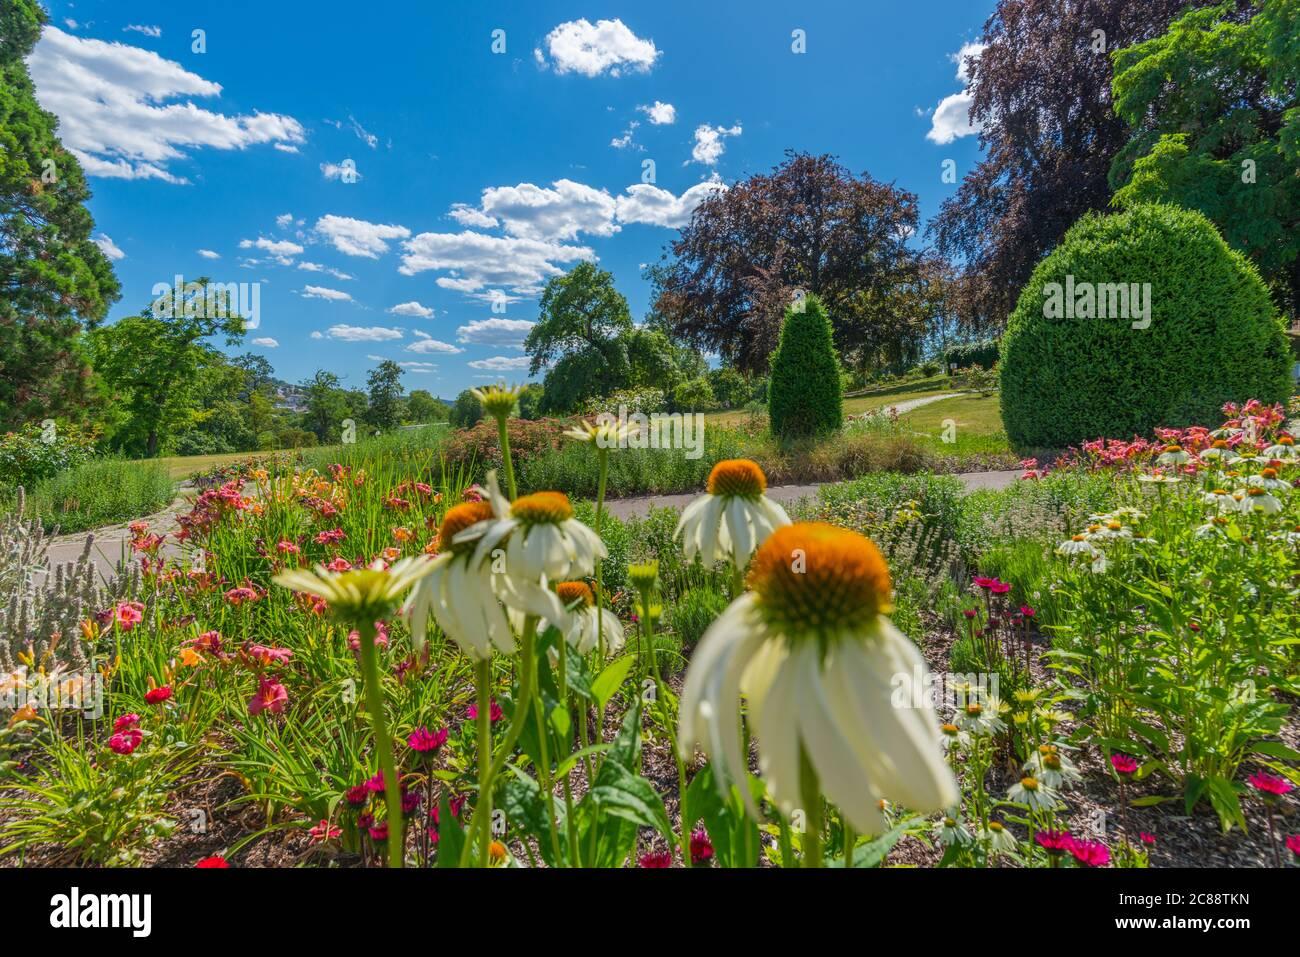 Camas de flores en Rosensteinpark o Parque Rosenstein, Distrito de la Ciudad de Bad Cannstatt, Ciudad de Stuttgart, Baden-Württemberg, Alemania del Sur, Europa Central Foto de stock